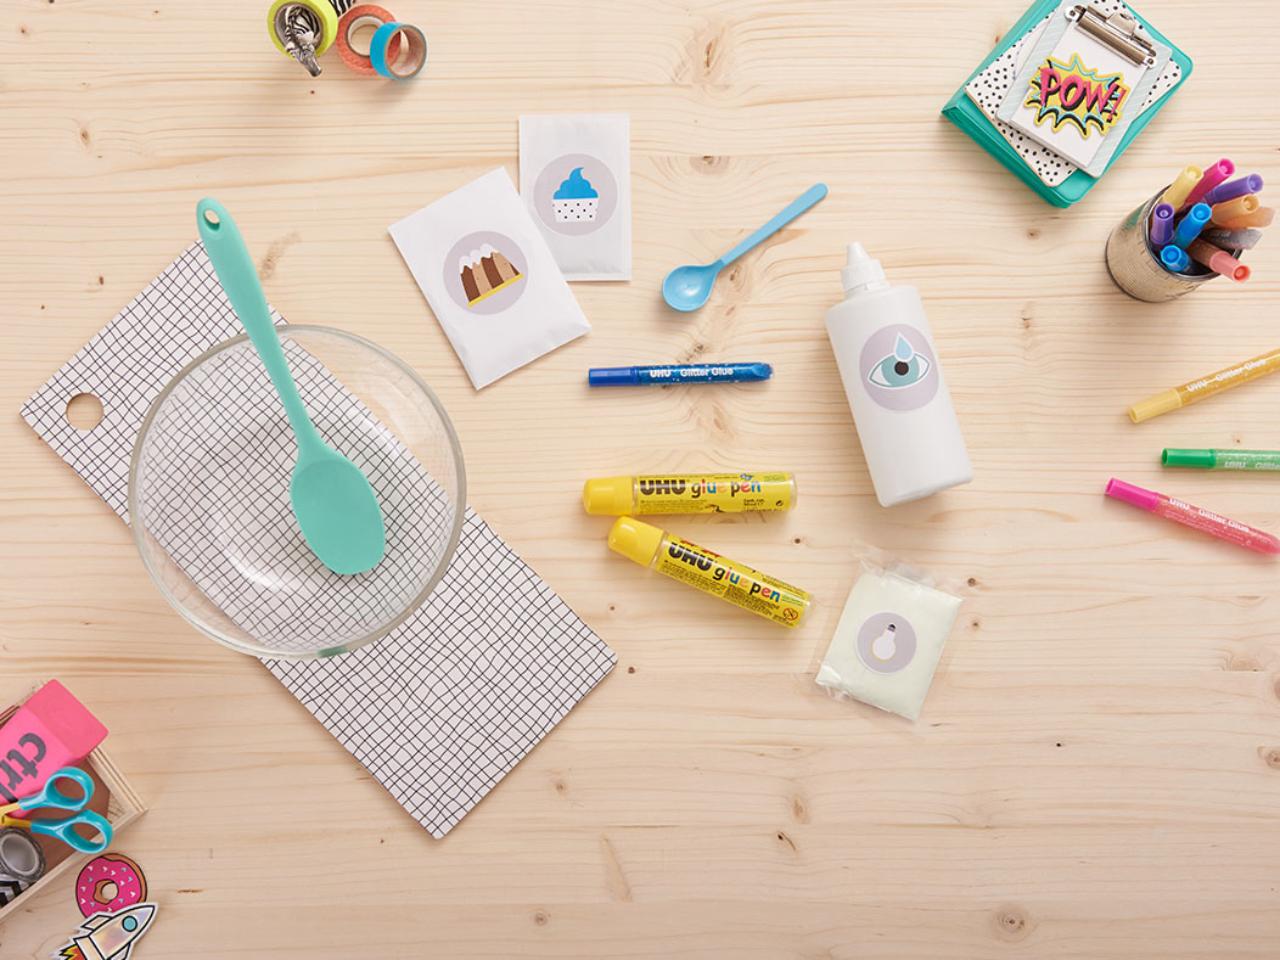 Tuto d'activité manuelle: comment faire un slime?